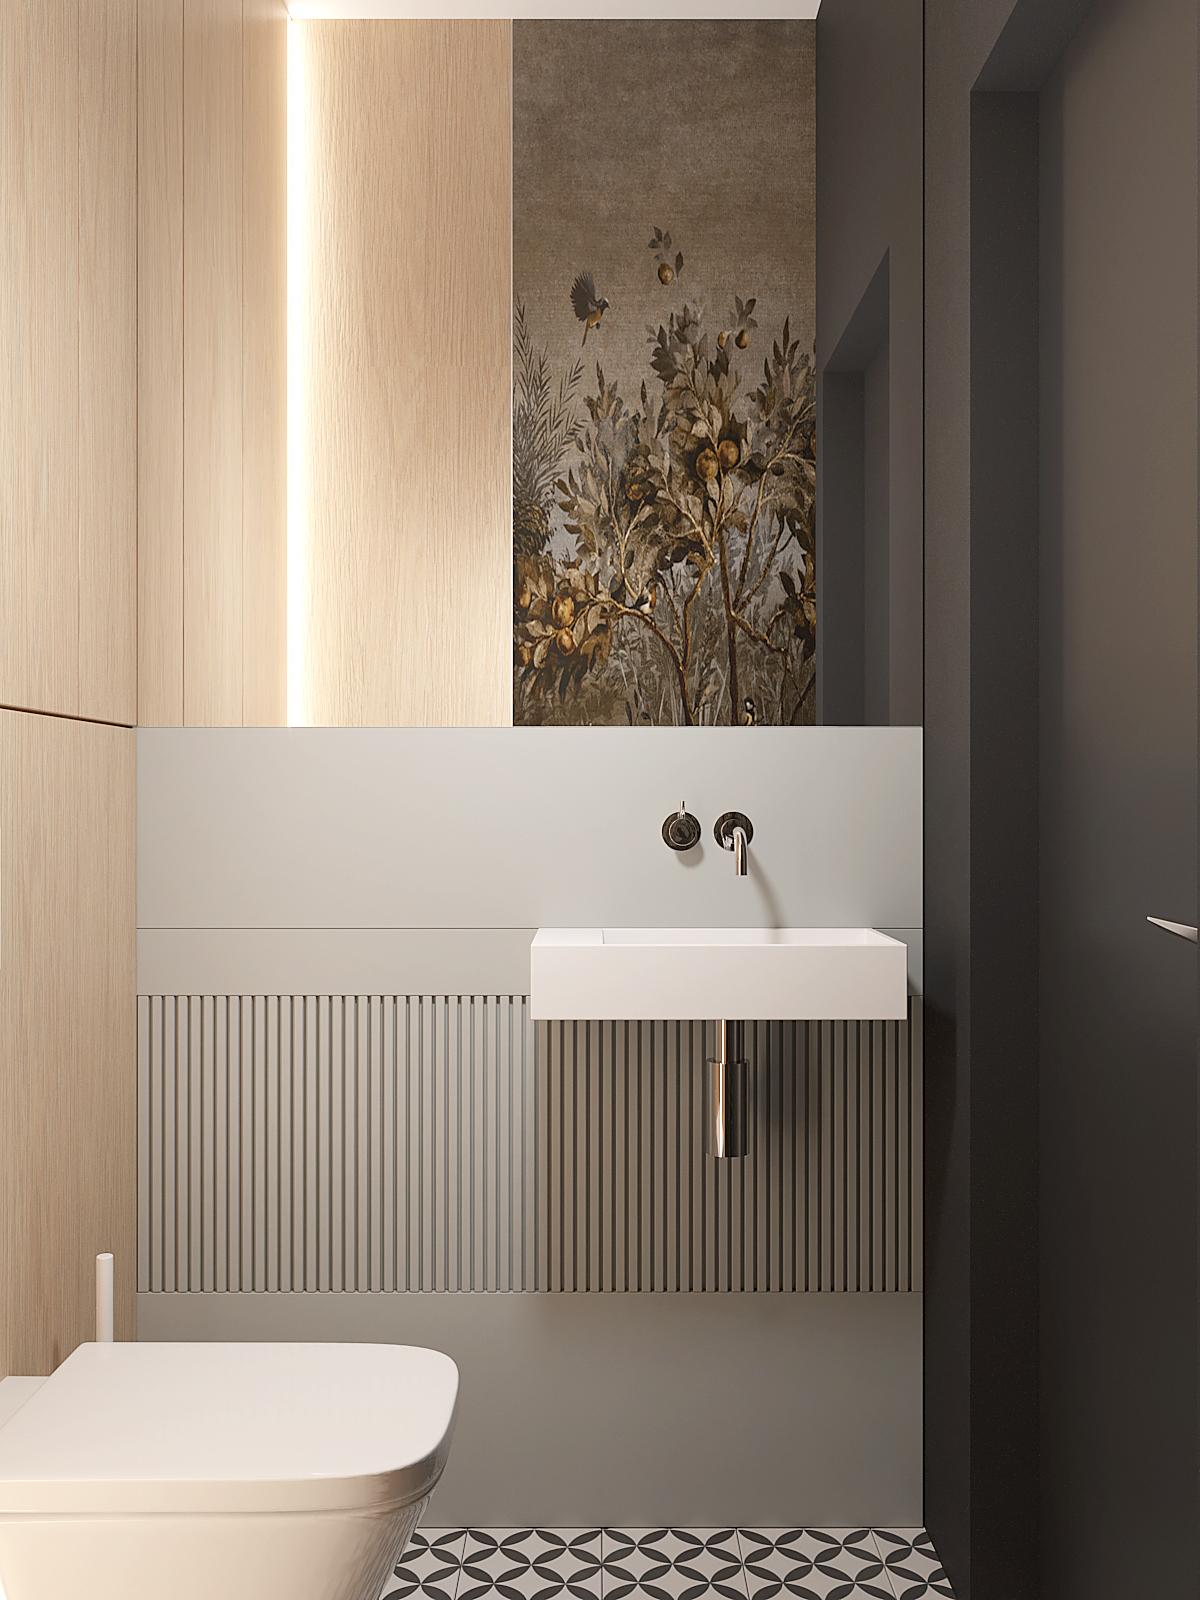 12 aranzacja wnetrz D395 dom Tychy toaleta lustro na scianie tapeta w toalecie zabudowa stelaza drewniana plyta